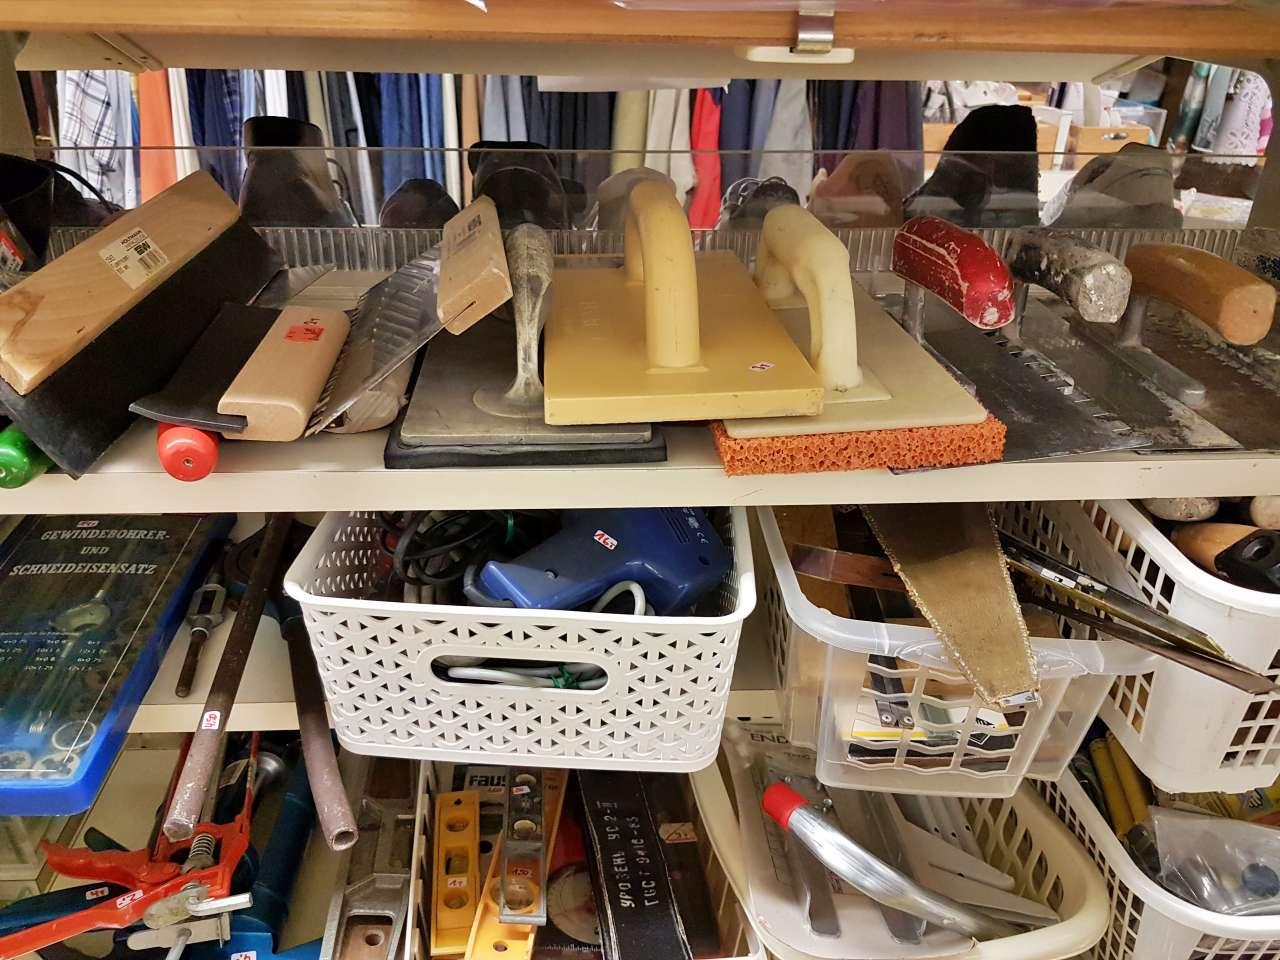 Werkzeuge Spachtel Kellen Reibebretter Glätter große Auswahl